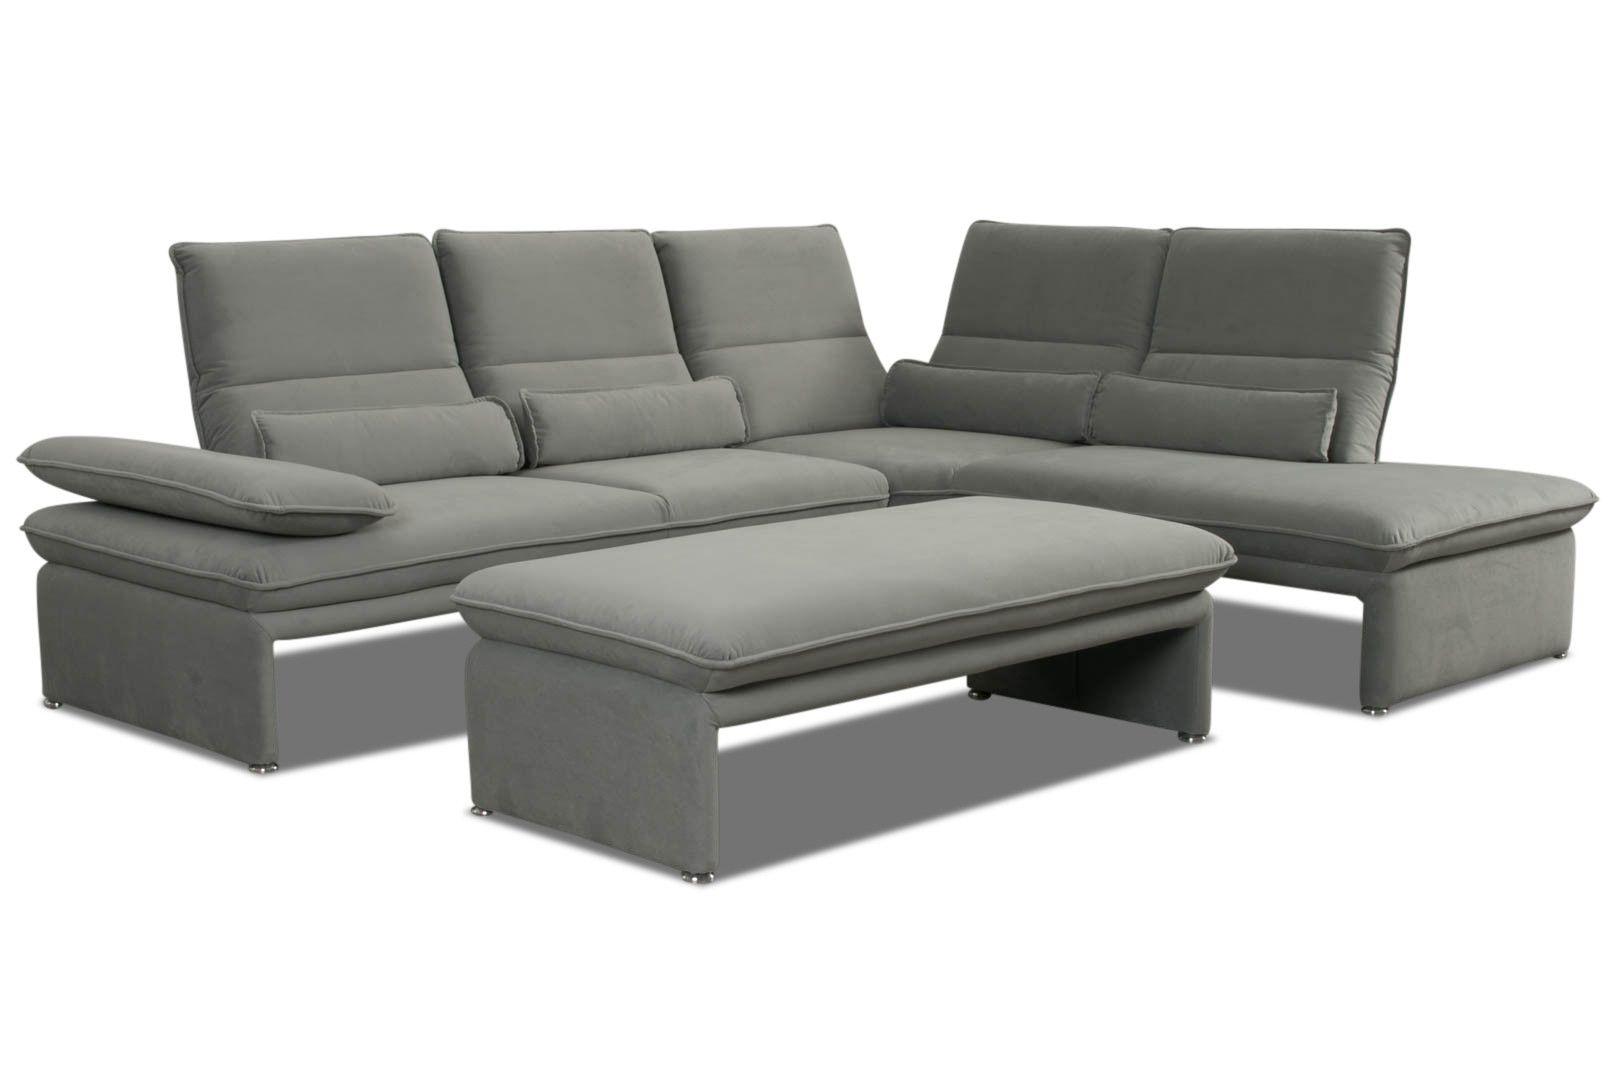 Komplett Kautsch Kaufen Home Decor Home Furniture